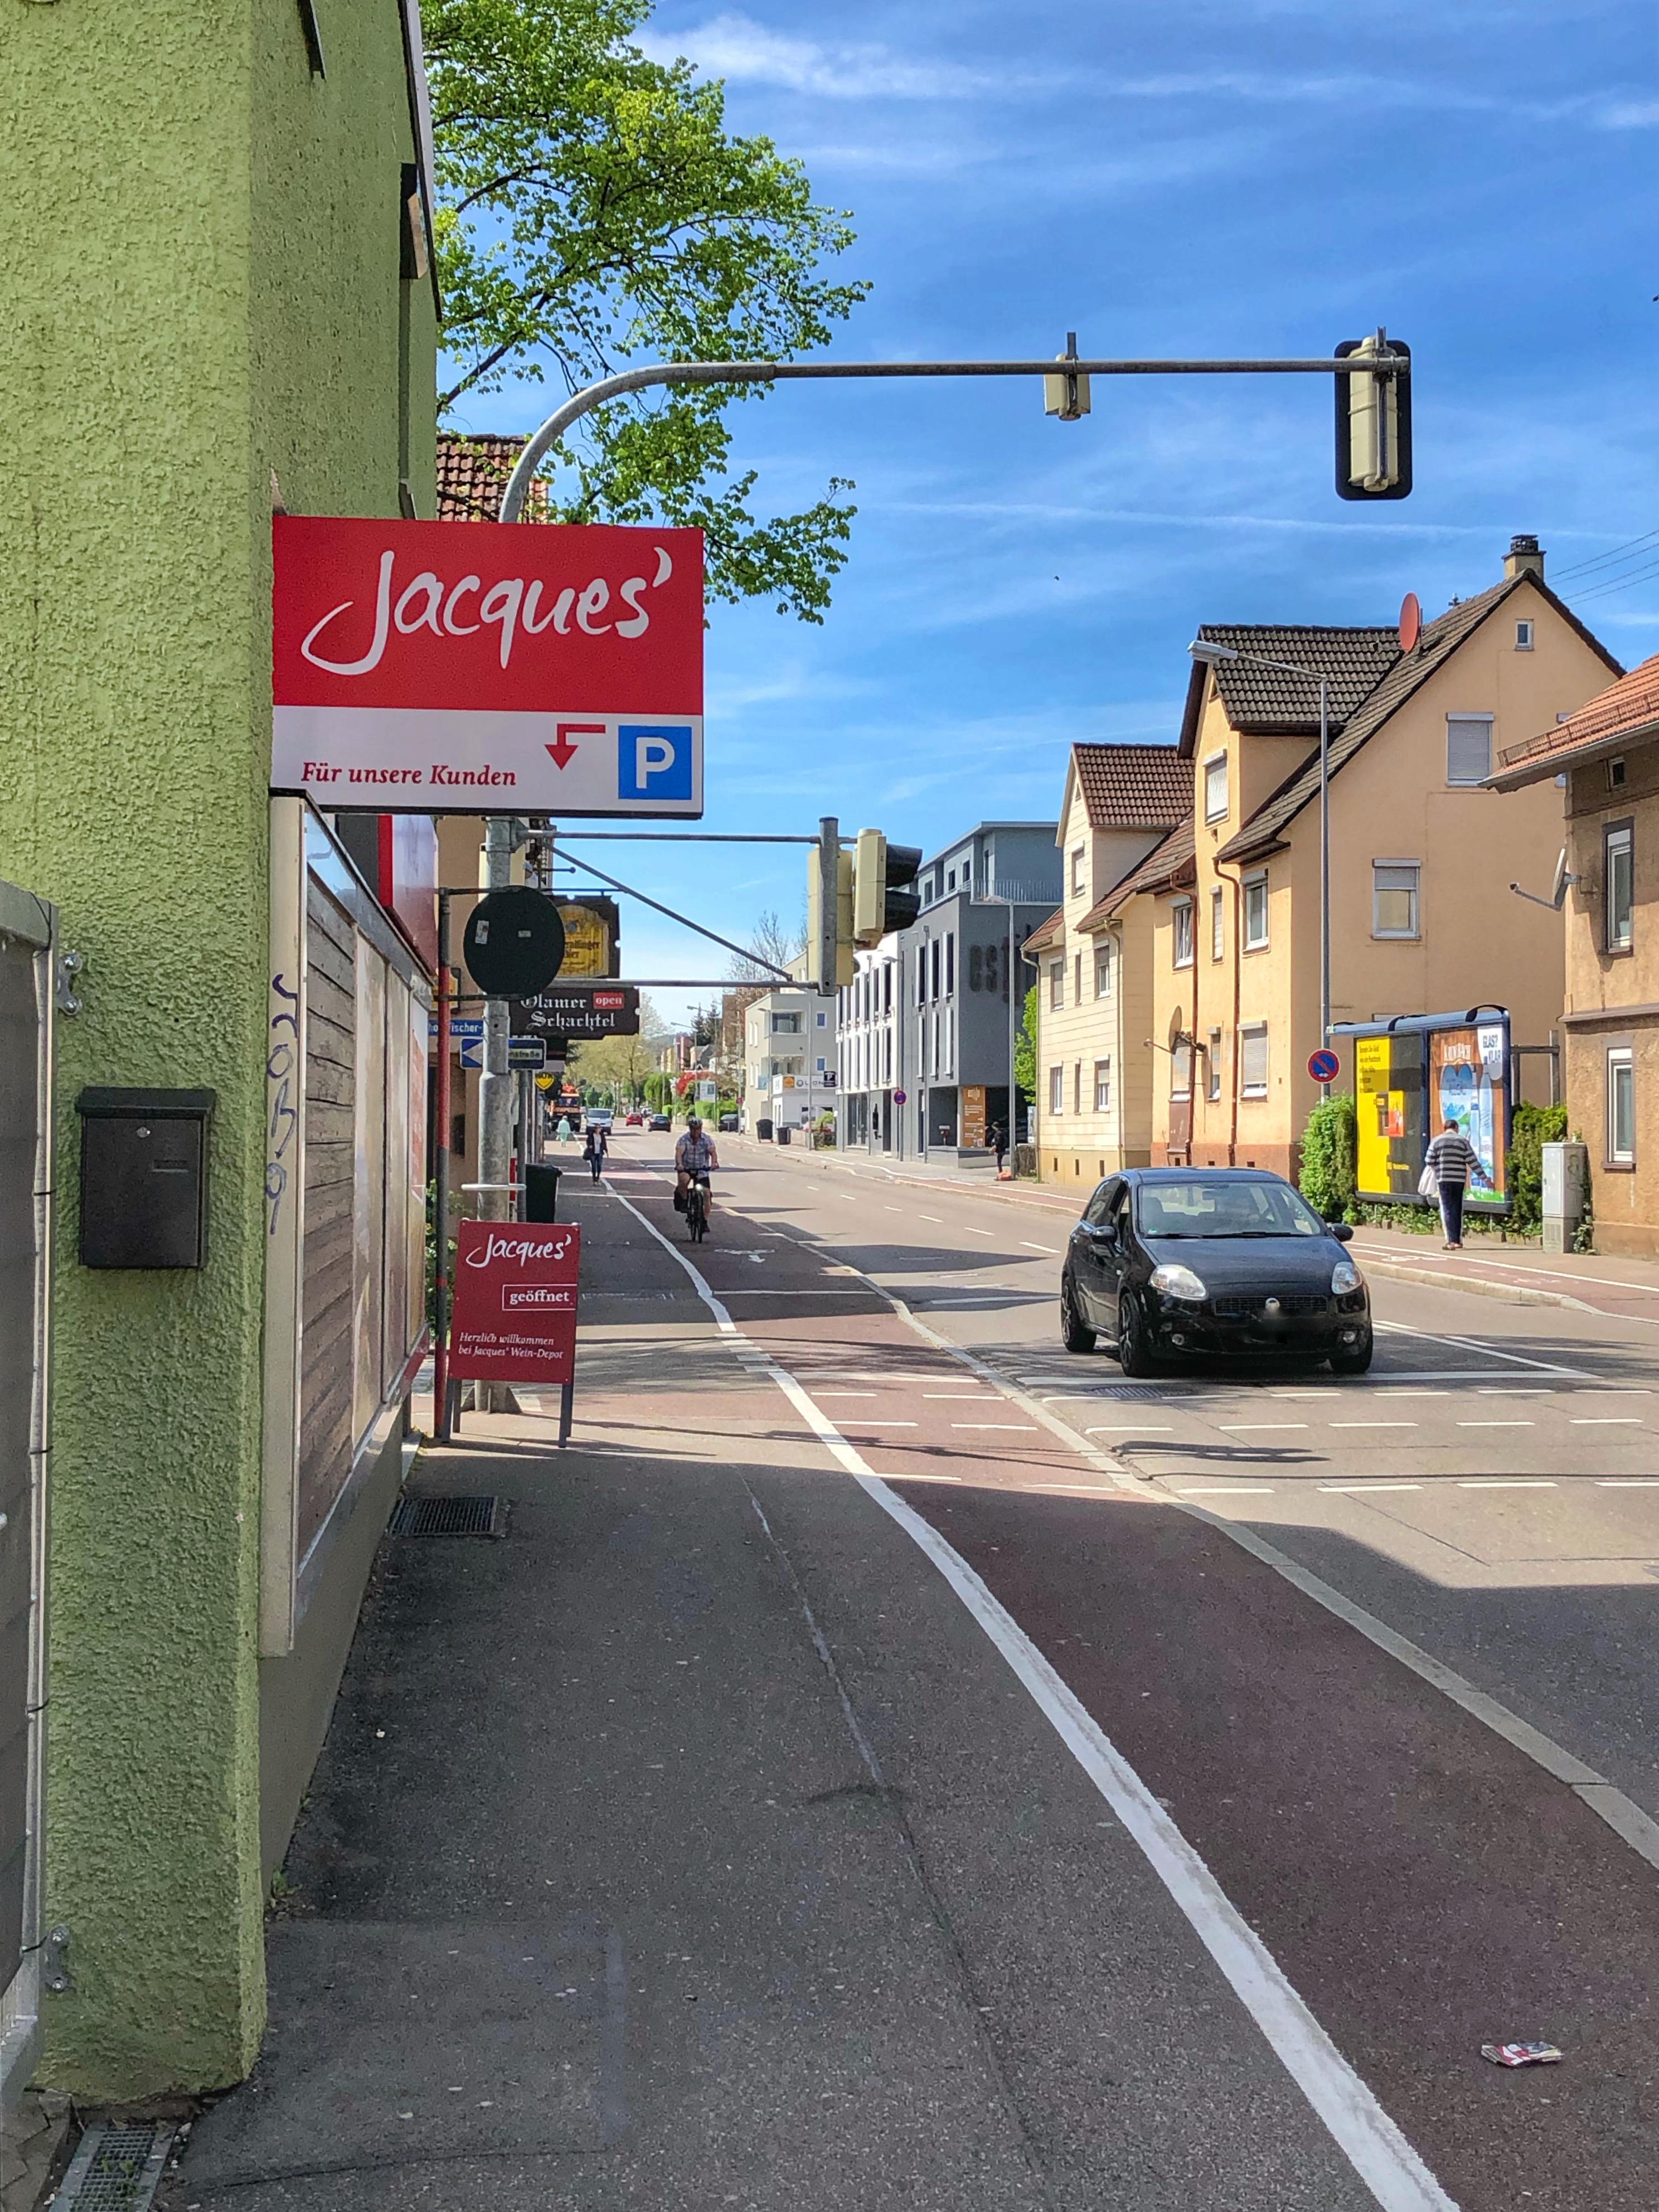 Jacques Wein Depot 1 Bewertung Aalen Gartenstraße Golocal